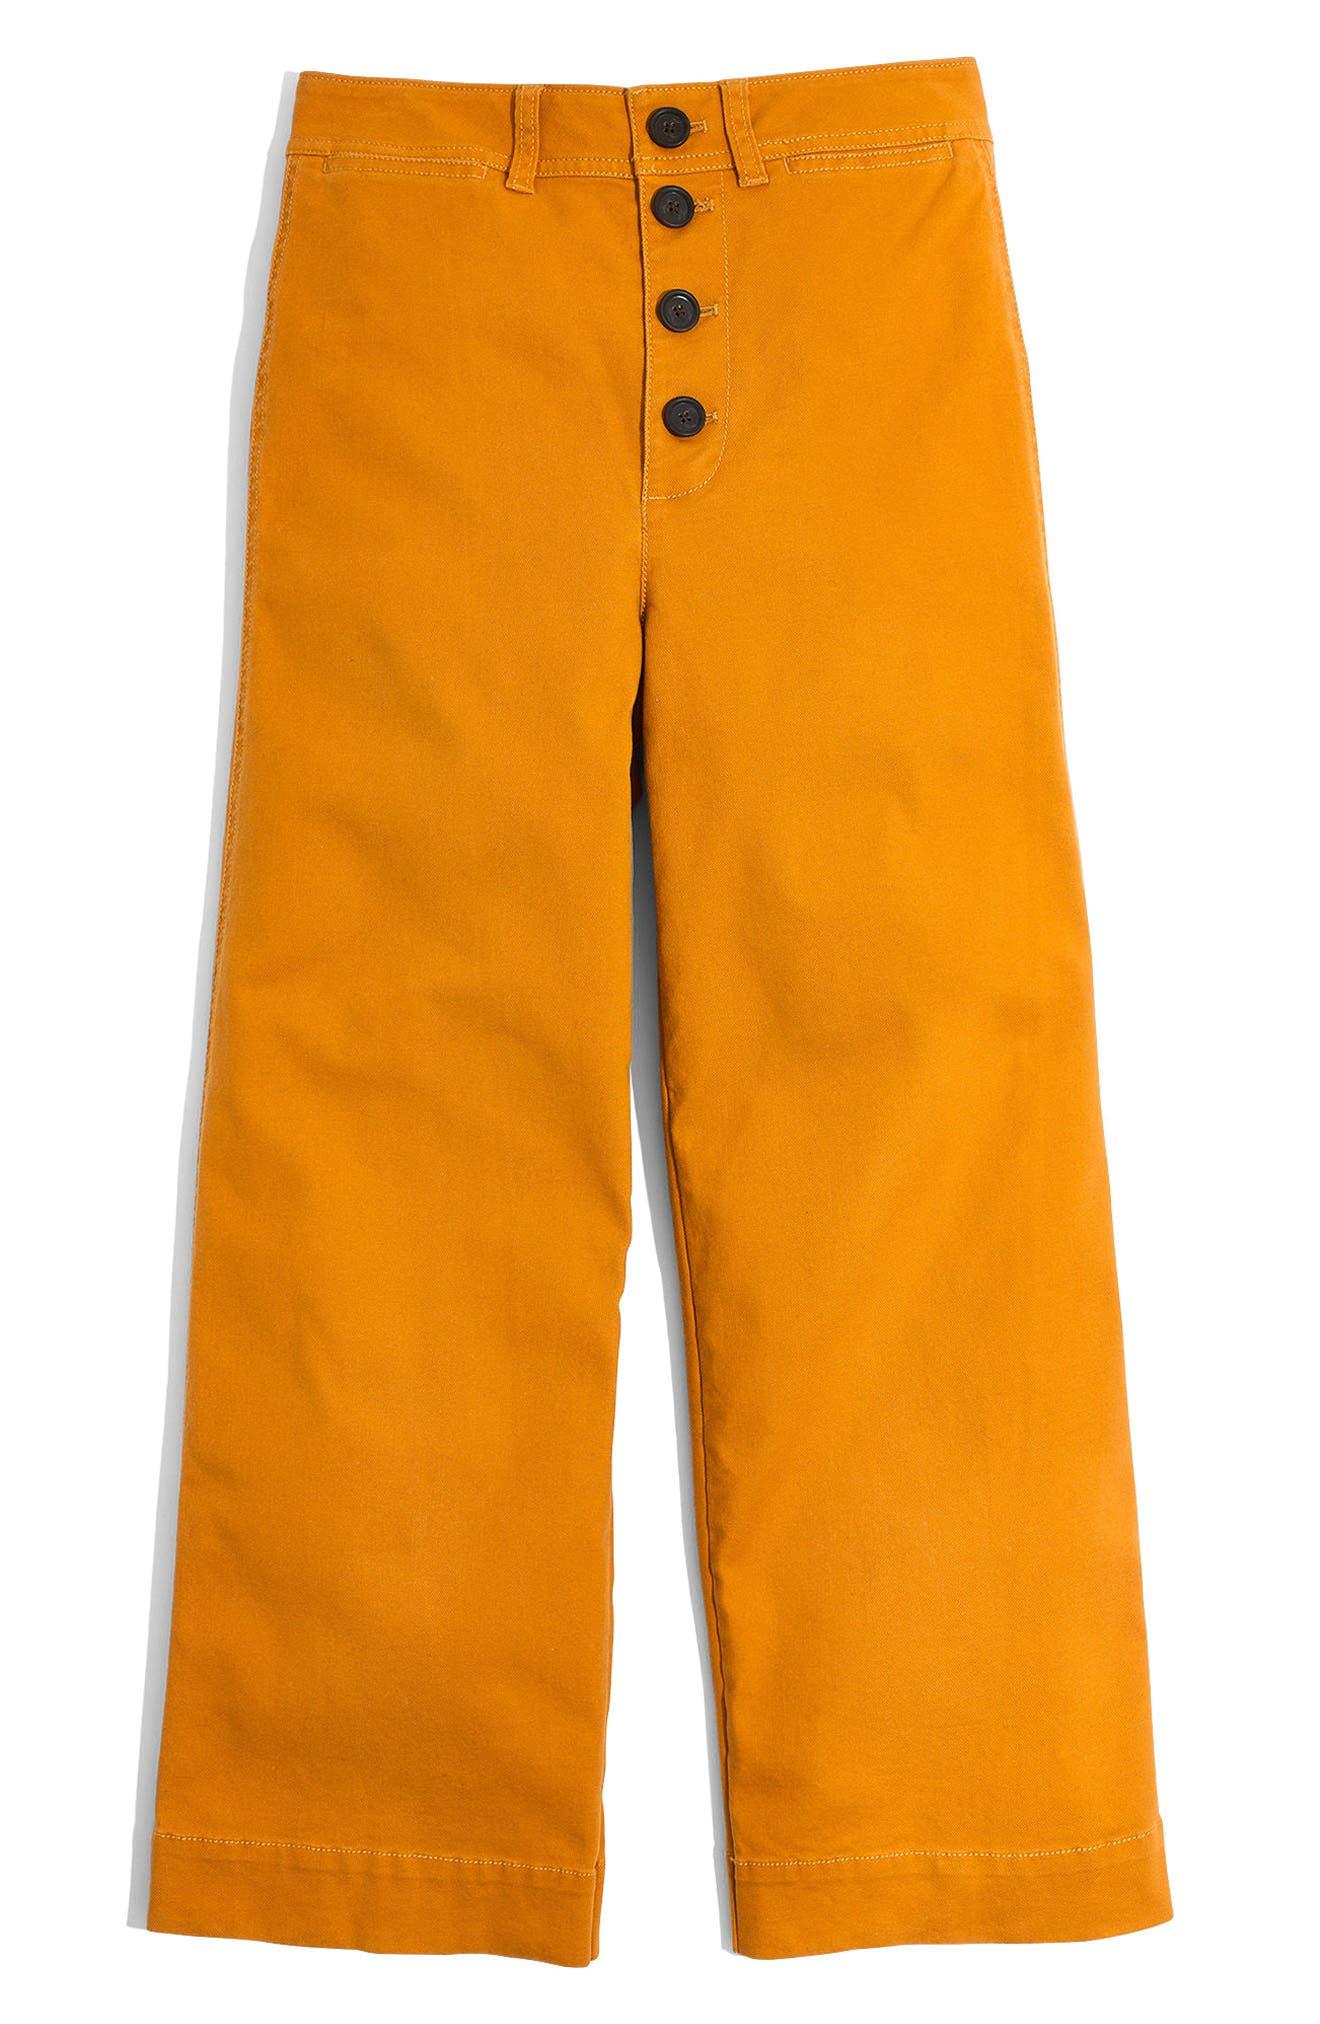 Emmett Wide Leg Crop Pants,                             Alternate thumbnail 4, color,                             700